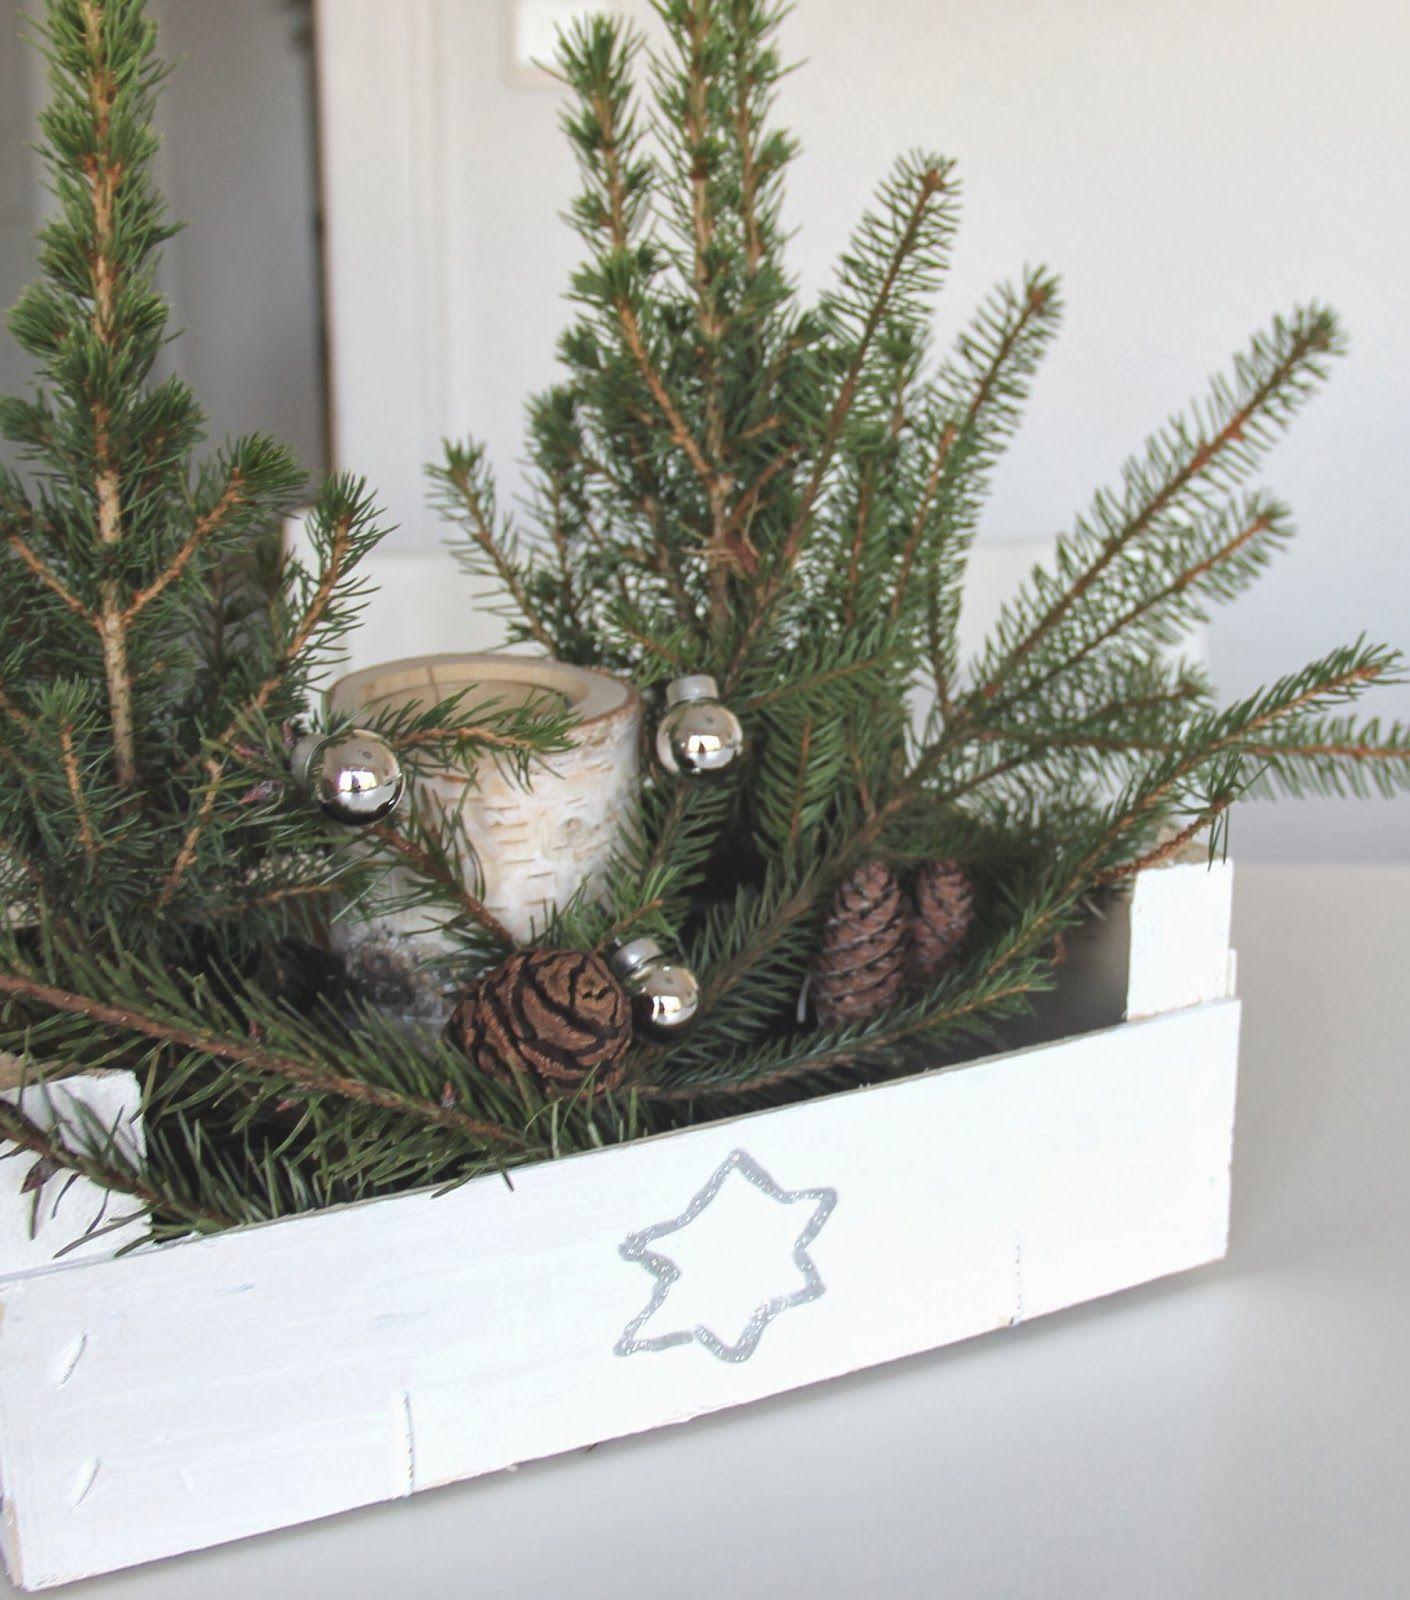 bildergebnis f r basteln mit mandarinenkisten deko weihnachten basteln und basteln weihnachten. Black Bedroom Furniture Sets. Home Design Ideas